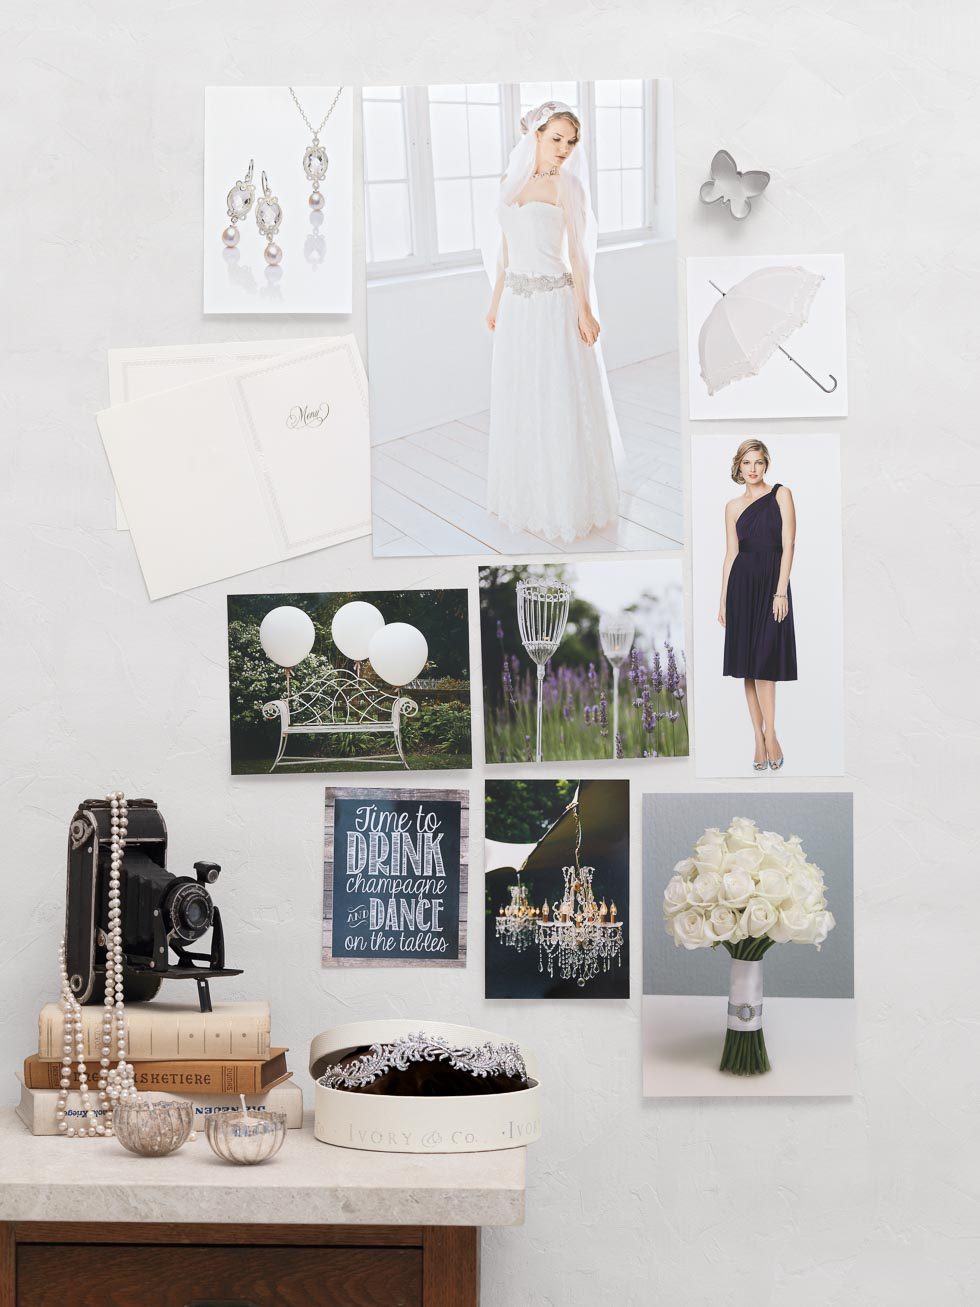 Stimmungsboard Hochzeitskonzept